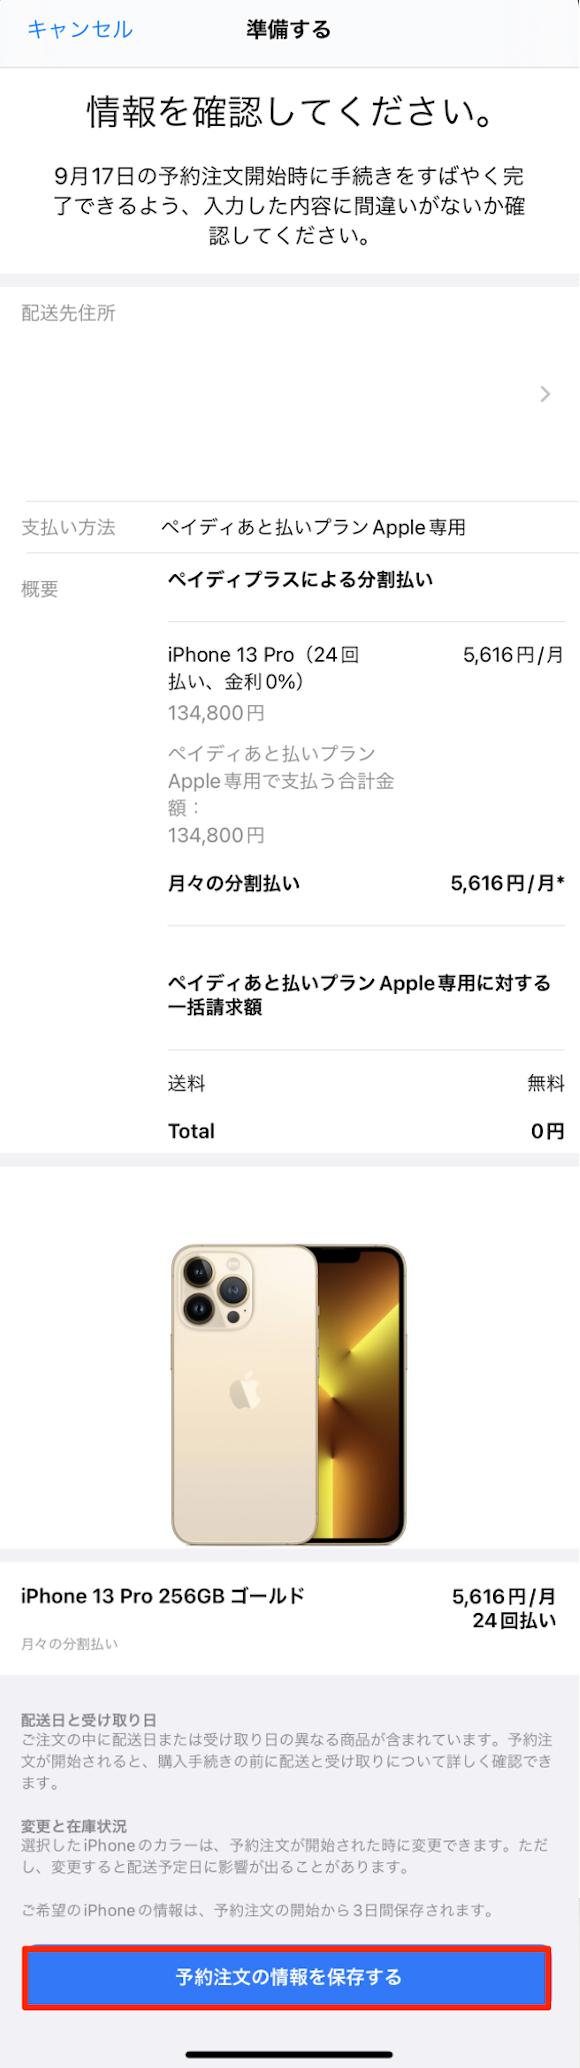 Paidy_app_2_2